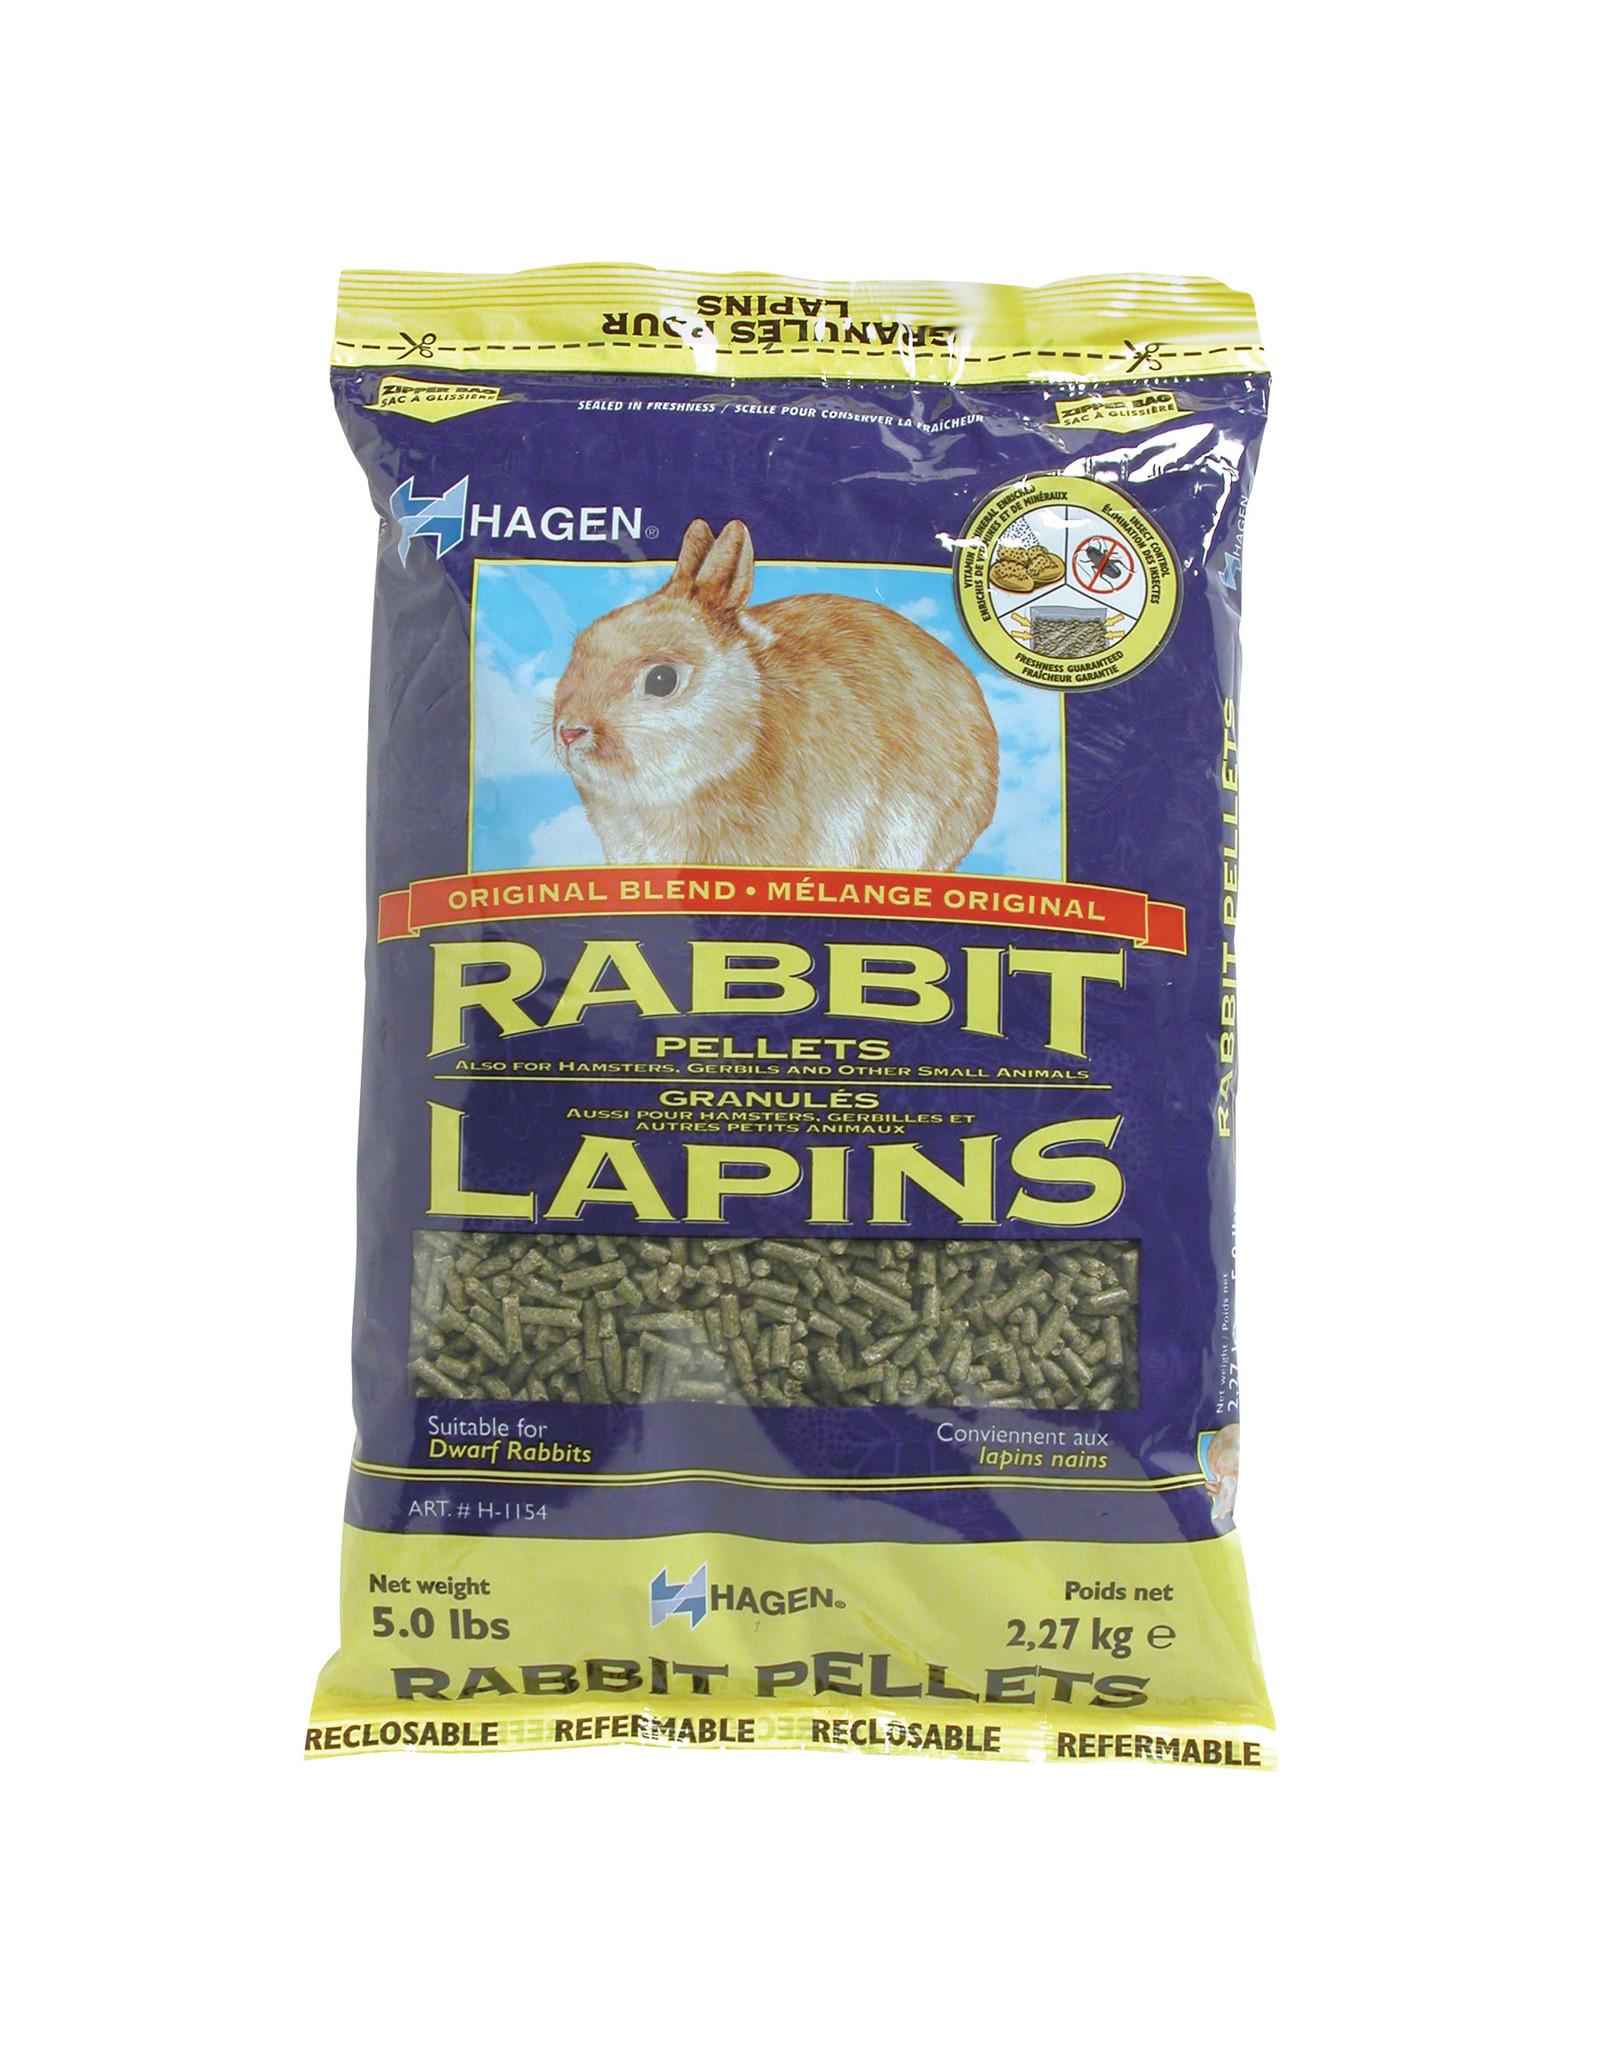 HG - Hagen Hagen Rabbit Pellets, 2.26kg